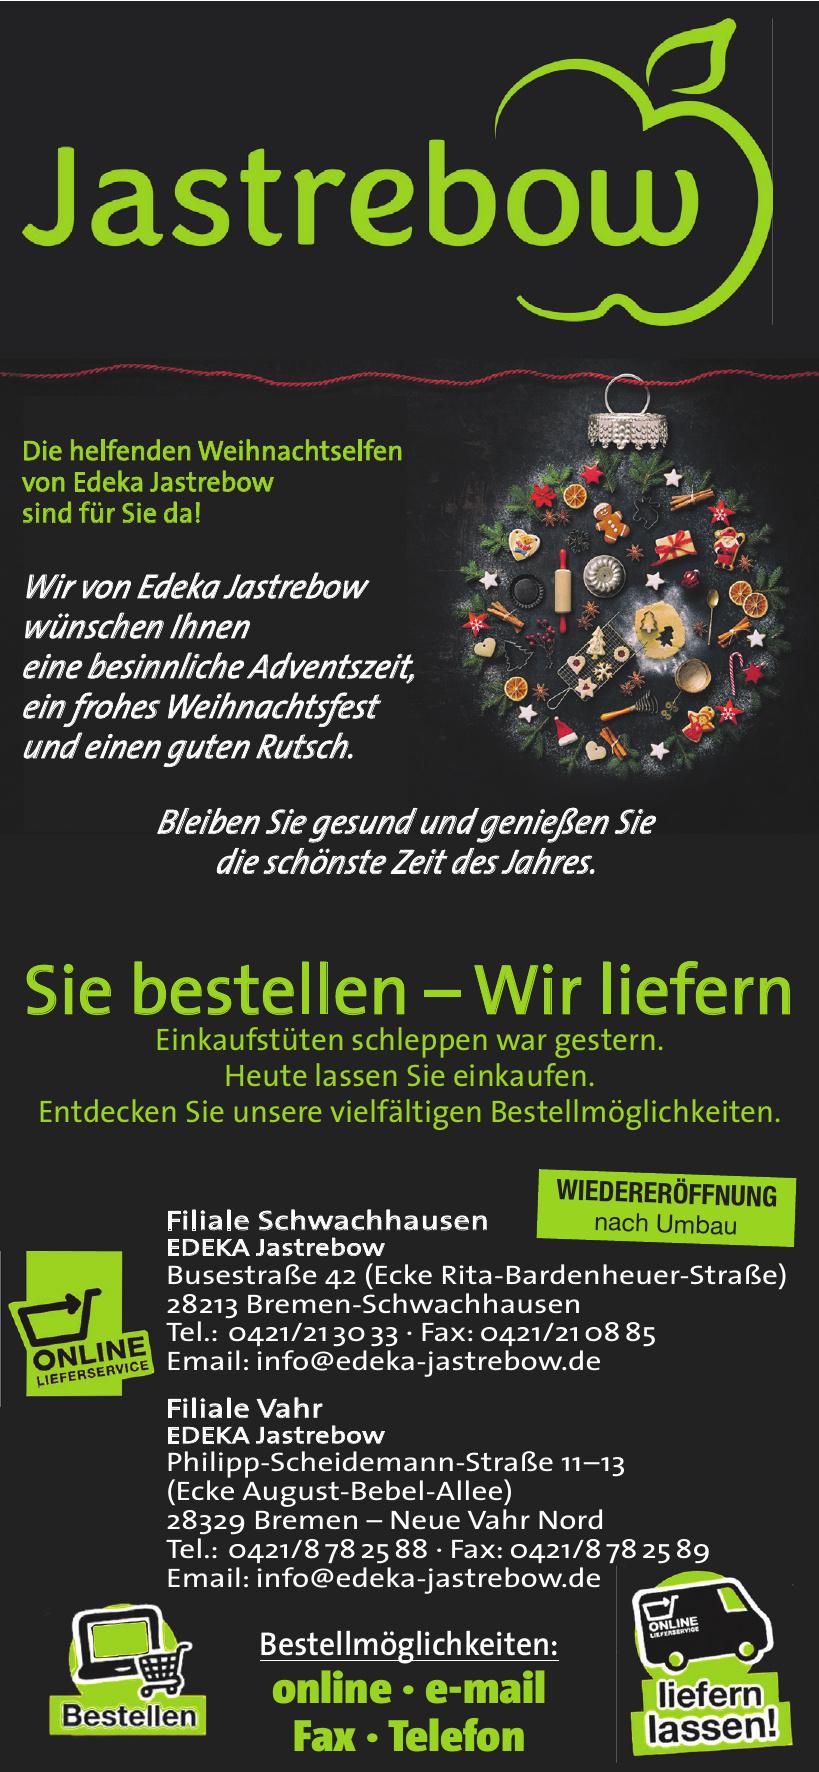 Filiale Schwachhausen EDEKA Jastrebow